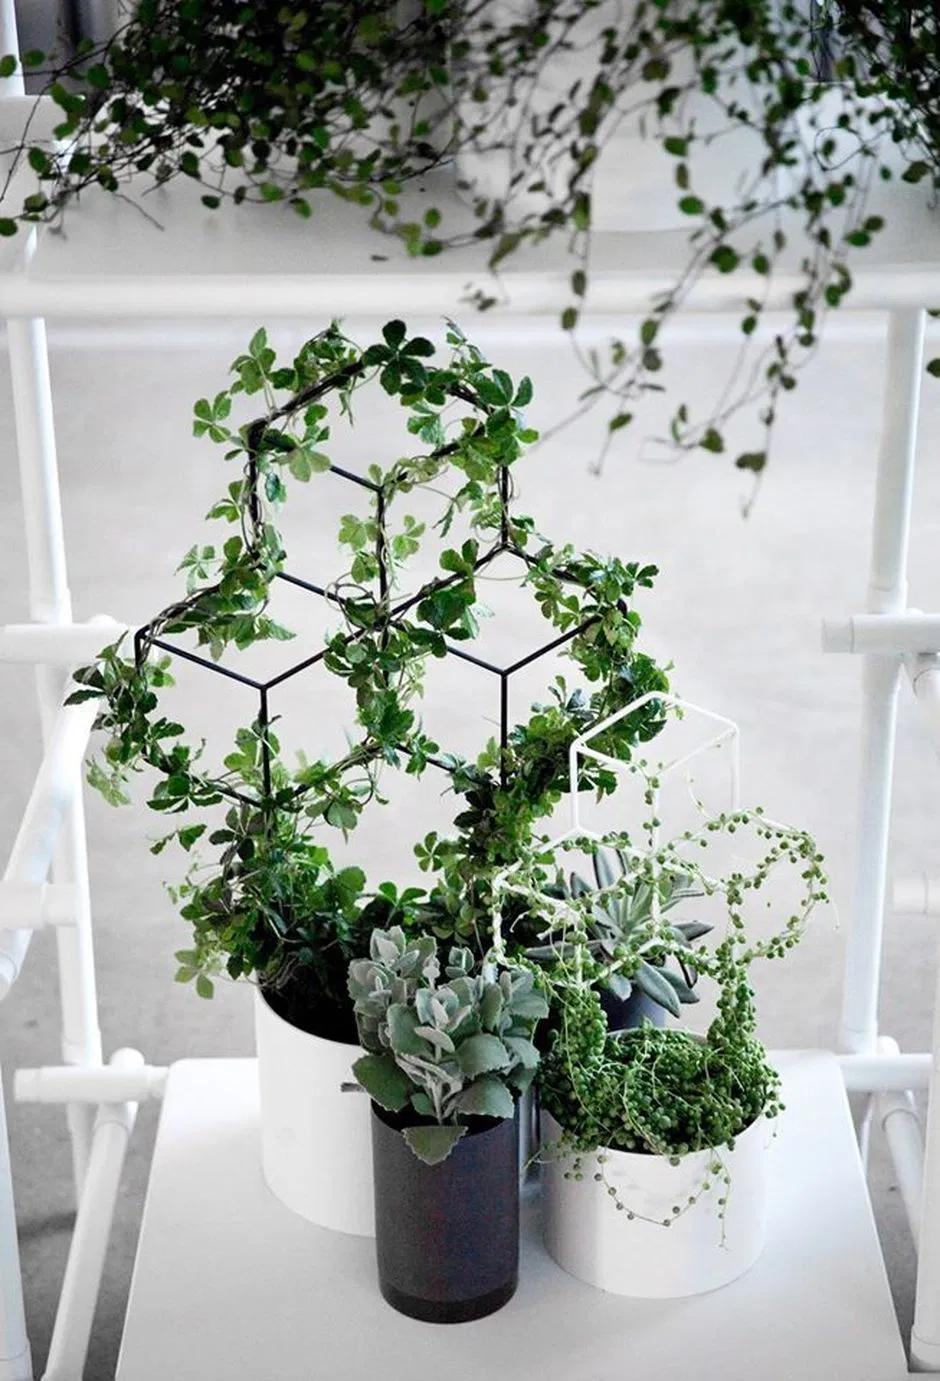 Marvelous Indoor Vines And Climbing Plants Decorations 2 Hoommy Com In 2020 Indoor Vines Ivy Plant Indoor Trellis Plants